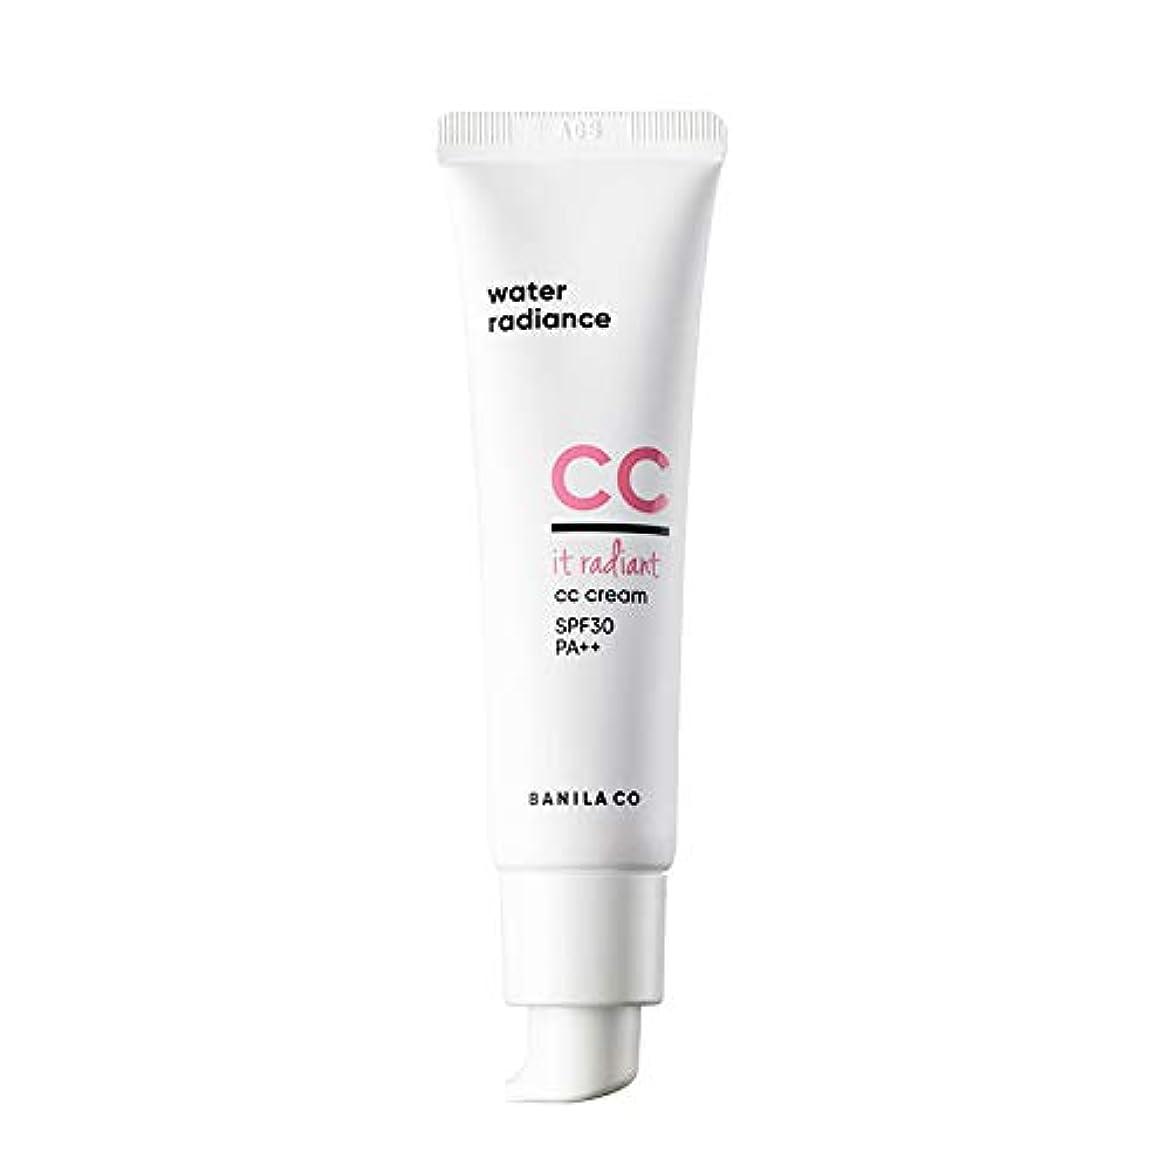 人生を作る時制氏BANILA CO(バニラコ) イットレディアント ccクリーム It Radiant CC Cream